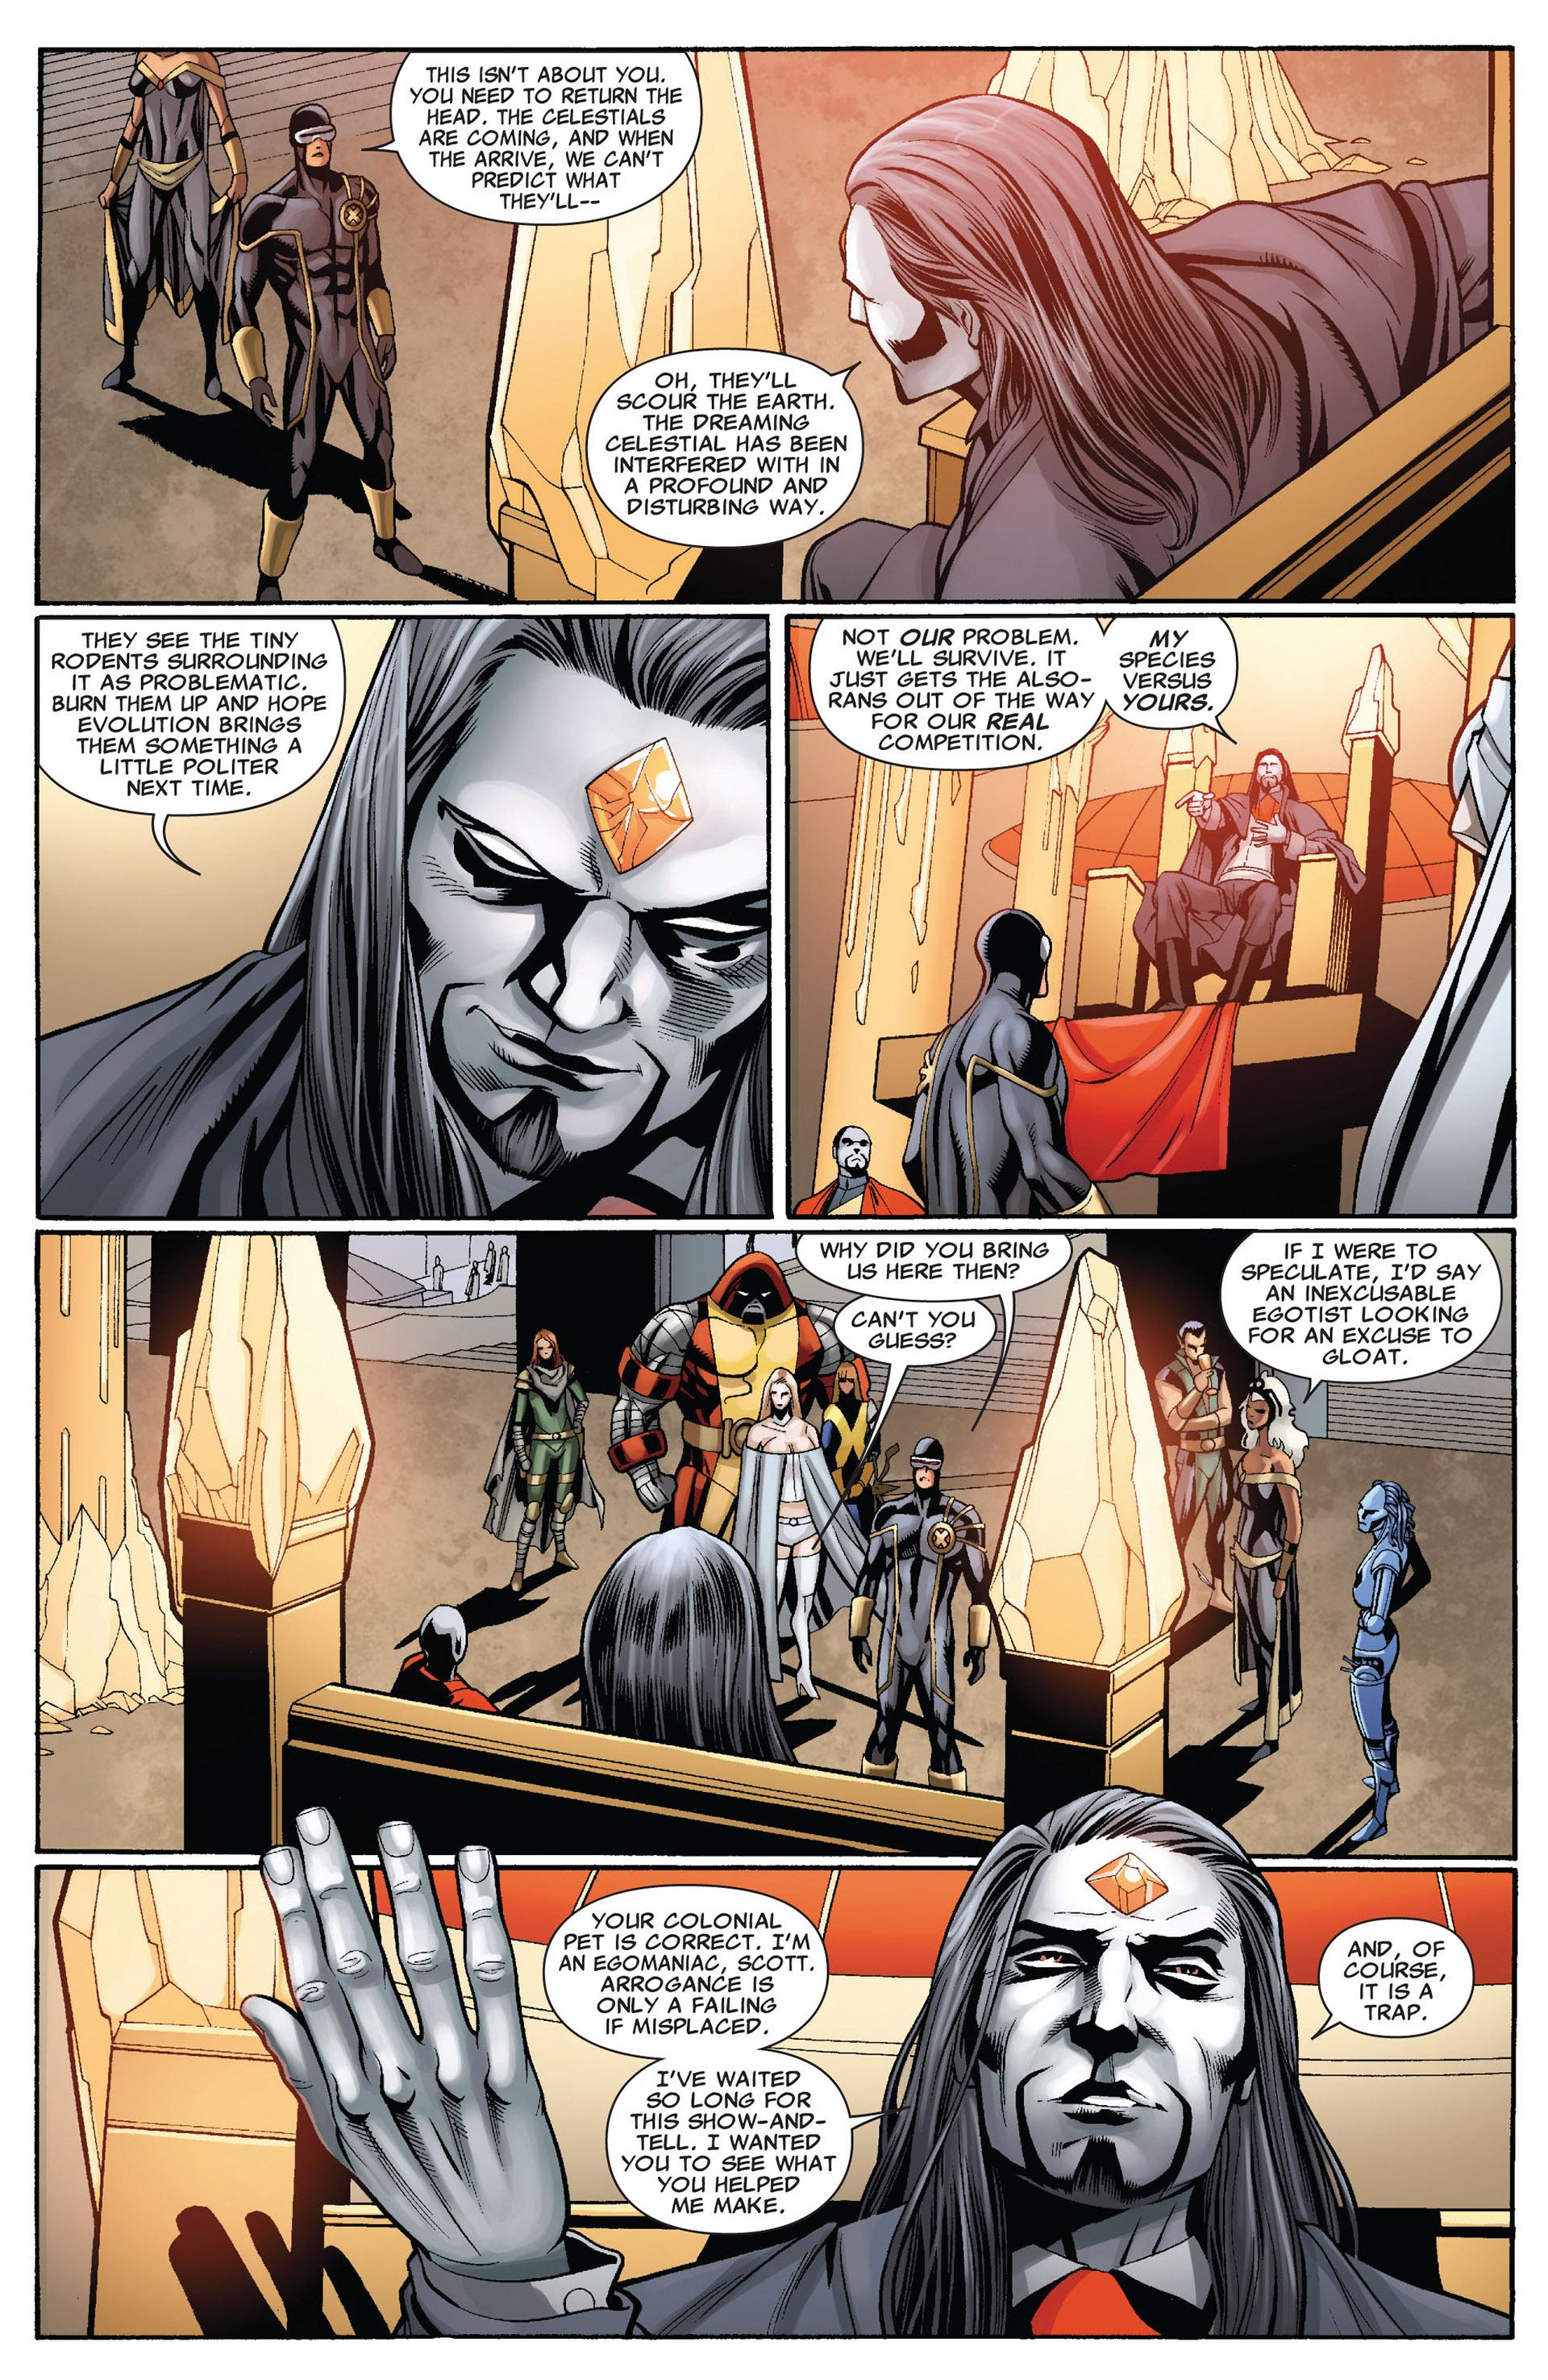 Read online Uncanny X-Men (2012) comic -  Issue #2 - 13